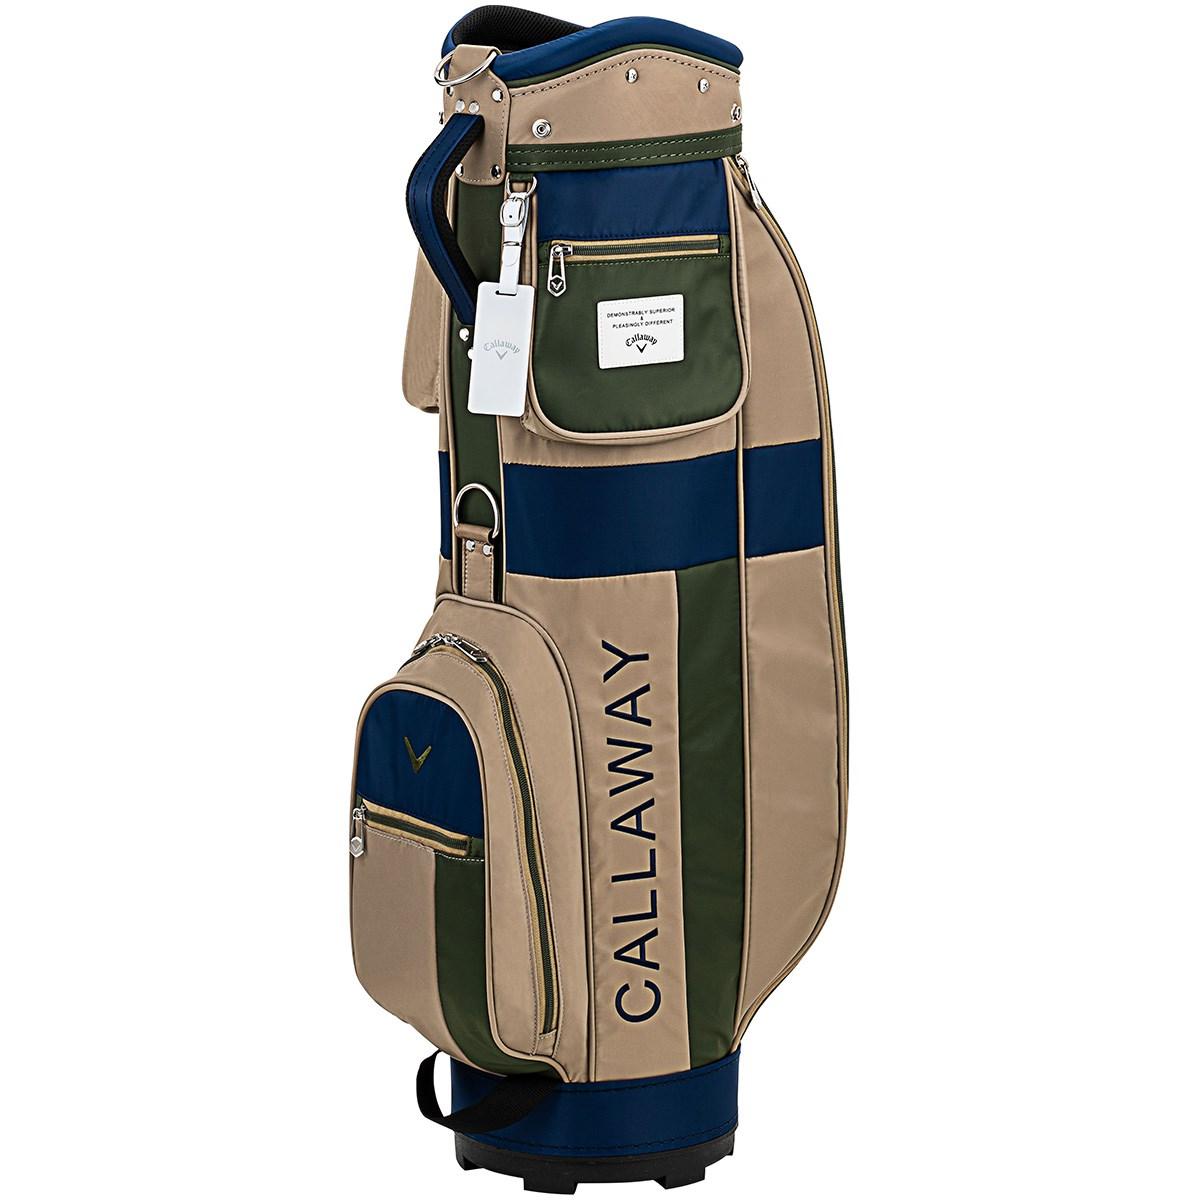 キャロウェイゴルフ Callaway Golf BG CG CRT SPL WMS キャディバッグ ベージュ レディス